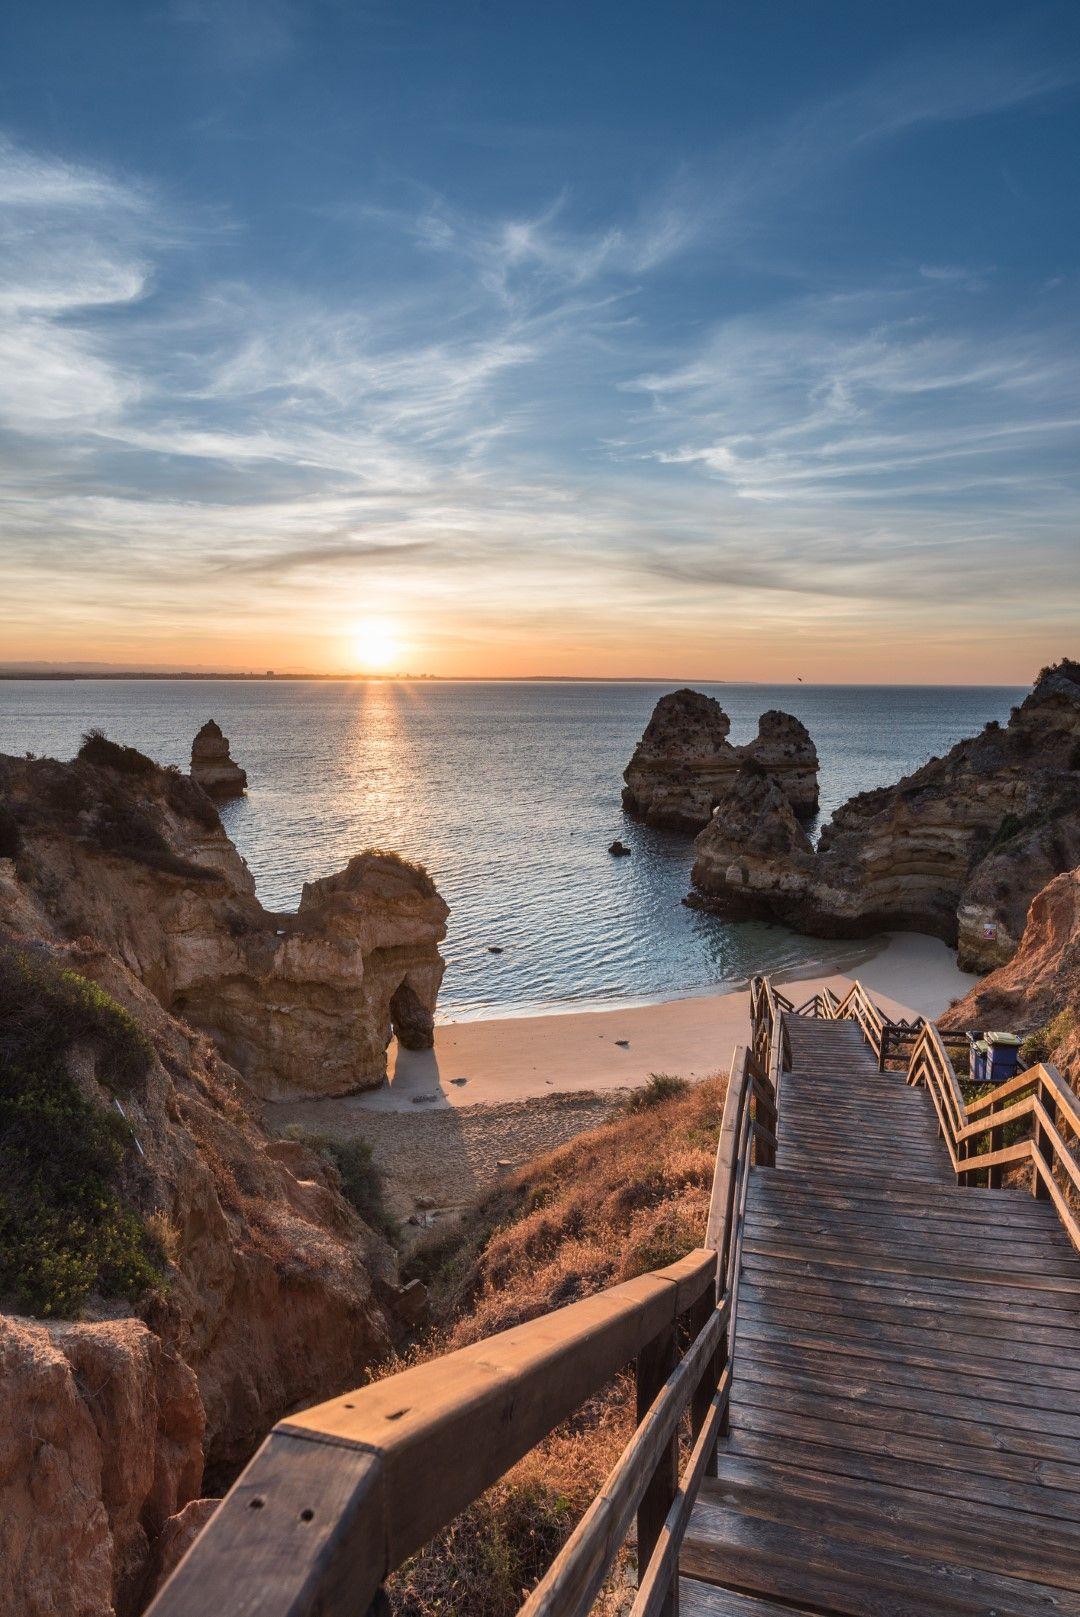 Камило е плажът с едни от най-красивите залези